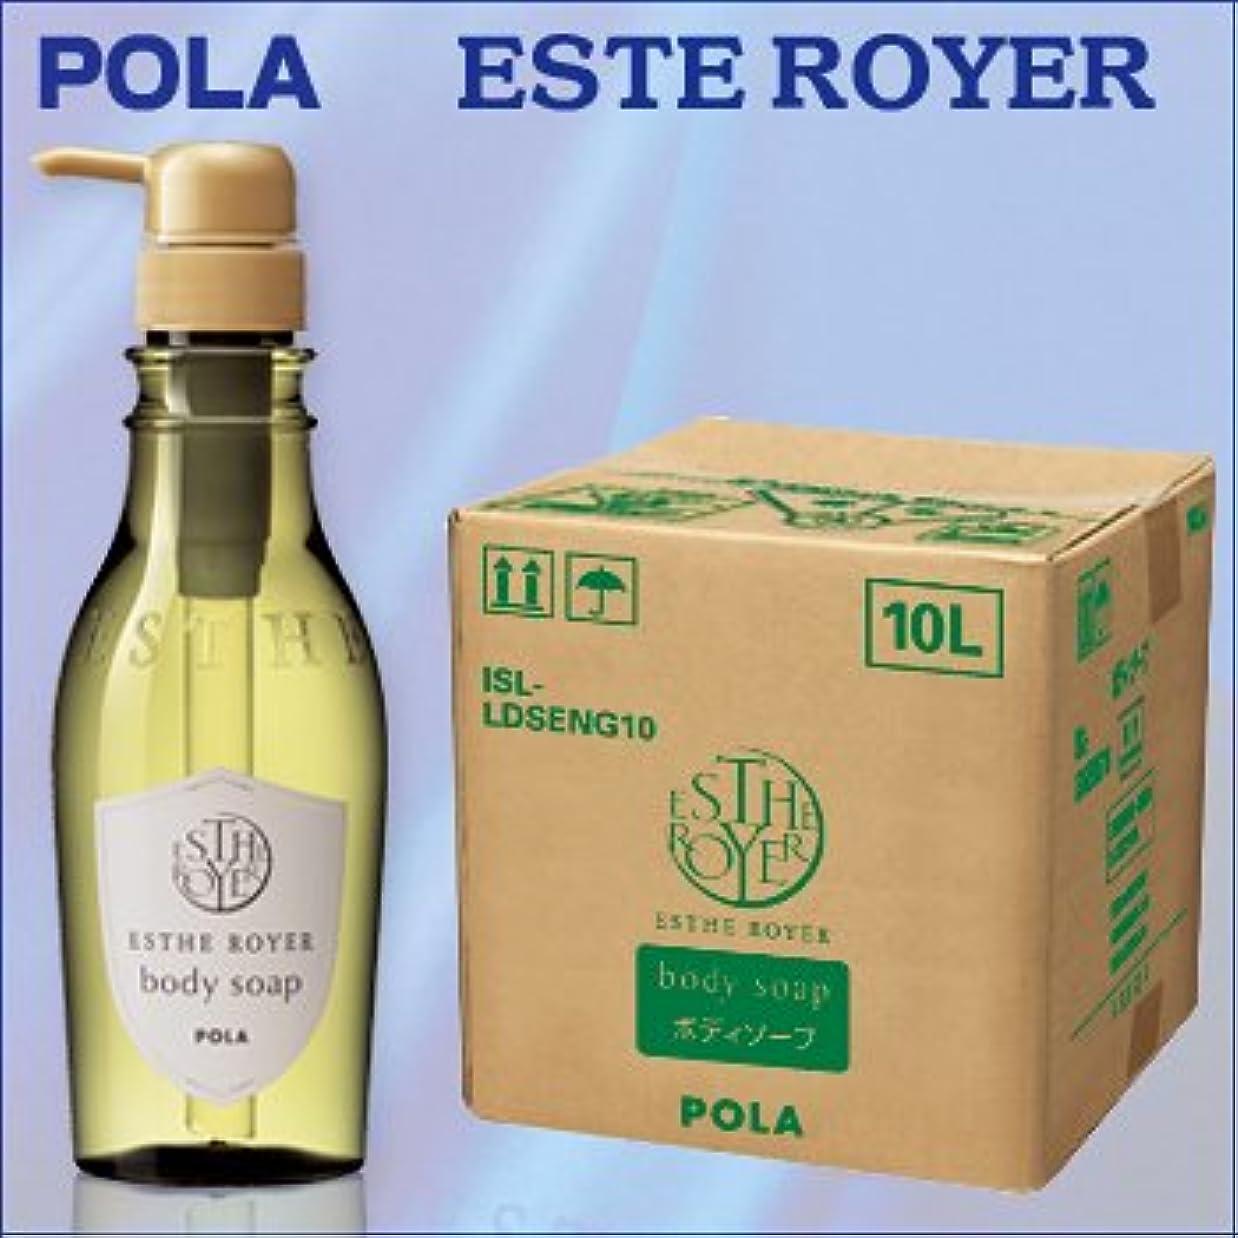 支援する煙突株式POLA エステロワイエ 業務用ボディソープ 10L (1セット10L入)